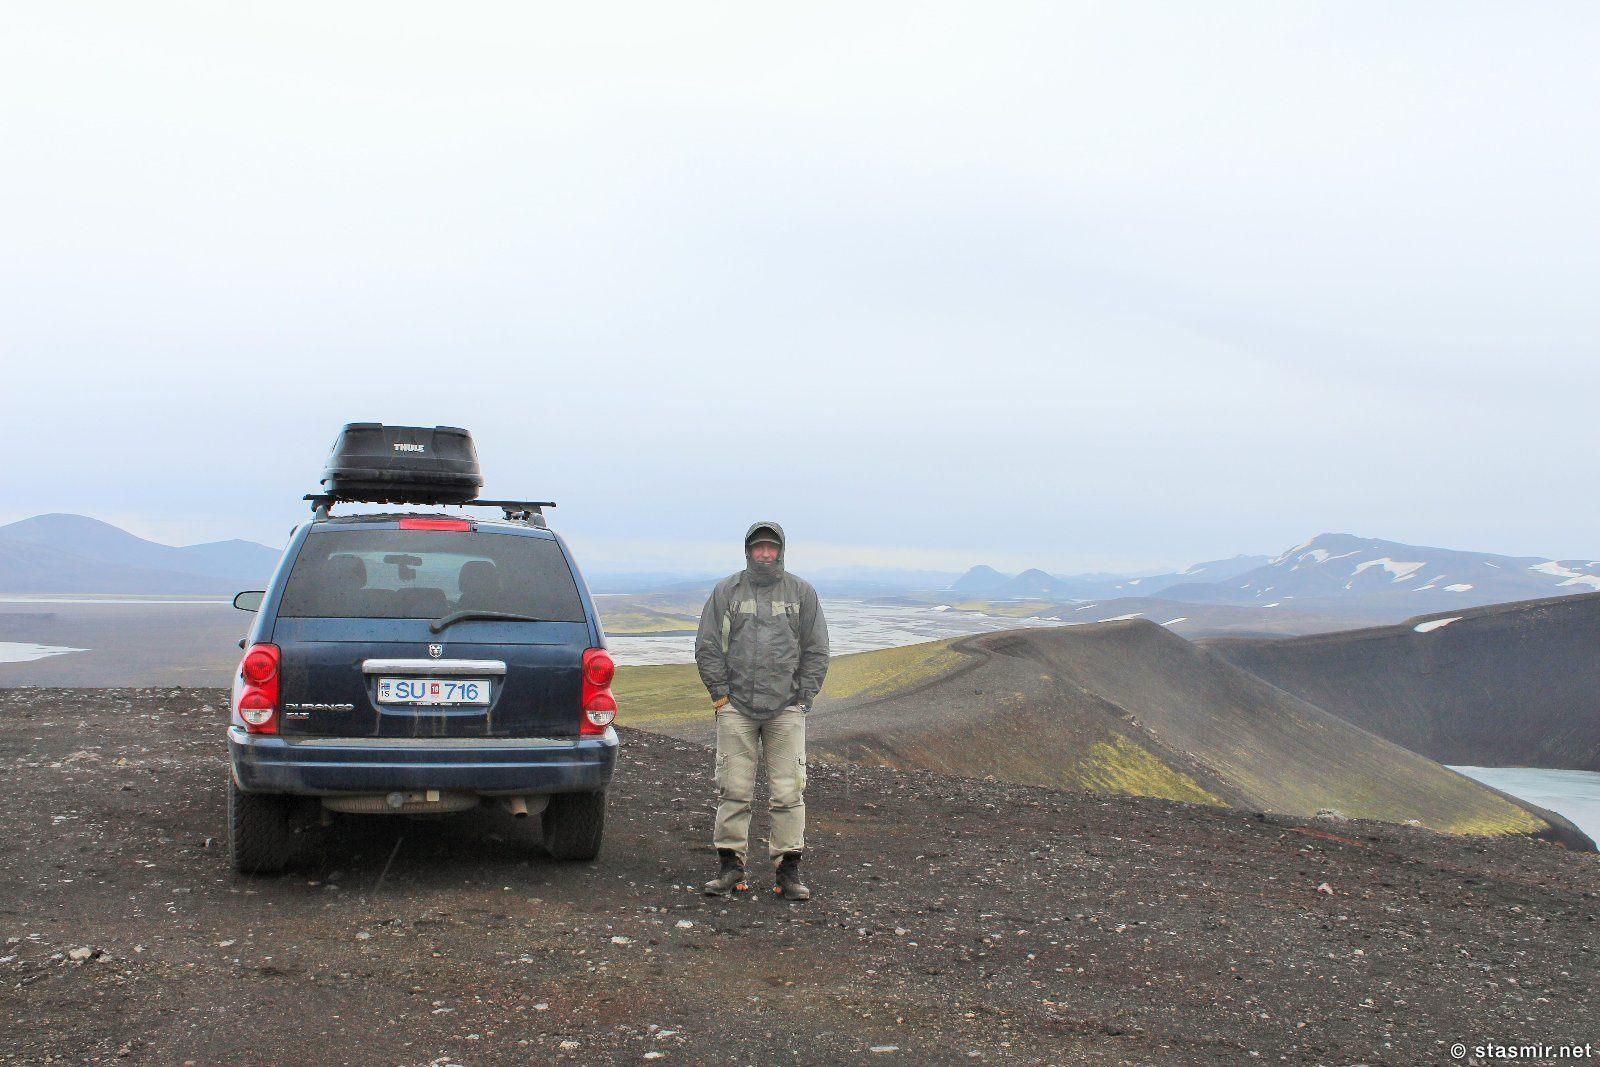 Джип Dodge Durango SU-716 у взрывного кратера Ljótipollur на маршруте Ландманналёгар, Исландия, Ísland, фото Стасмир, Photo Stasmir